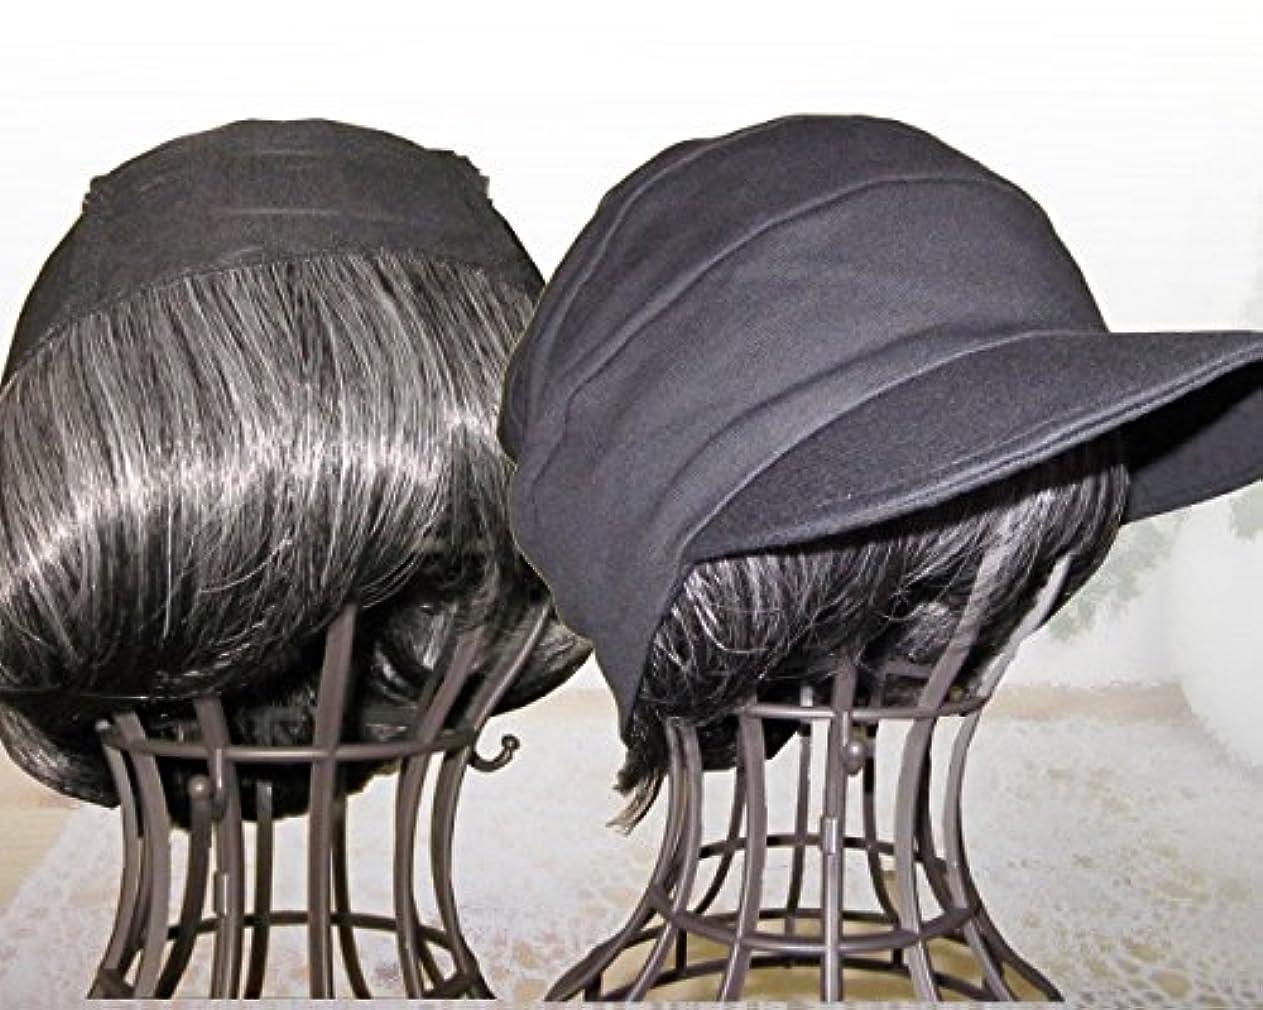 軍団限りなく一握り毛付き帽子 自毛に見える 毛付き帽子/T05白髪入り?段々キャスケット黒セット